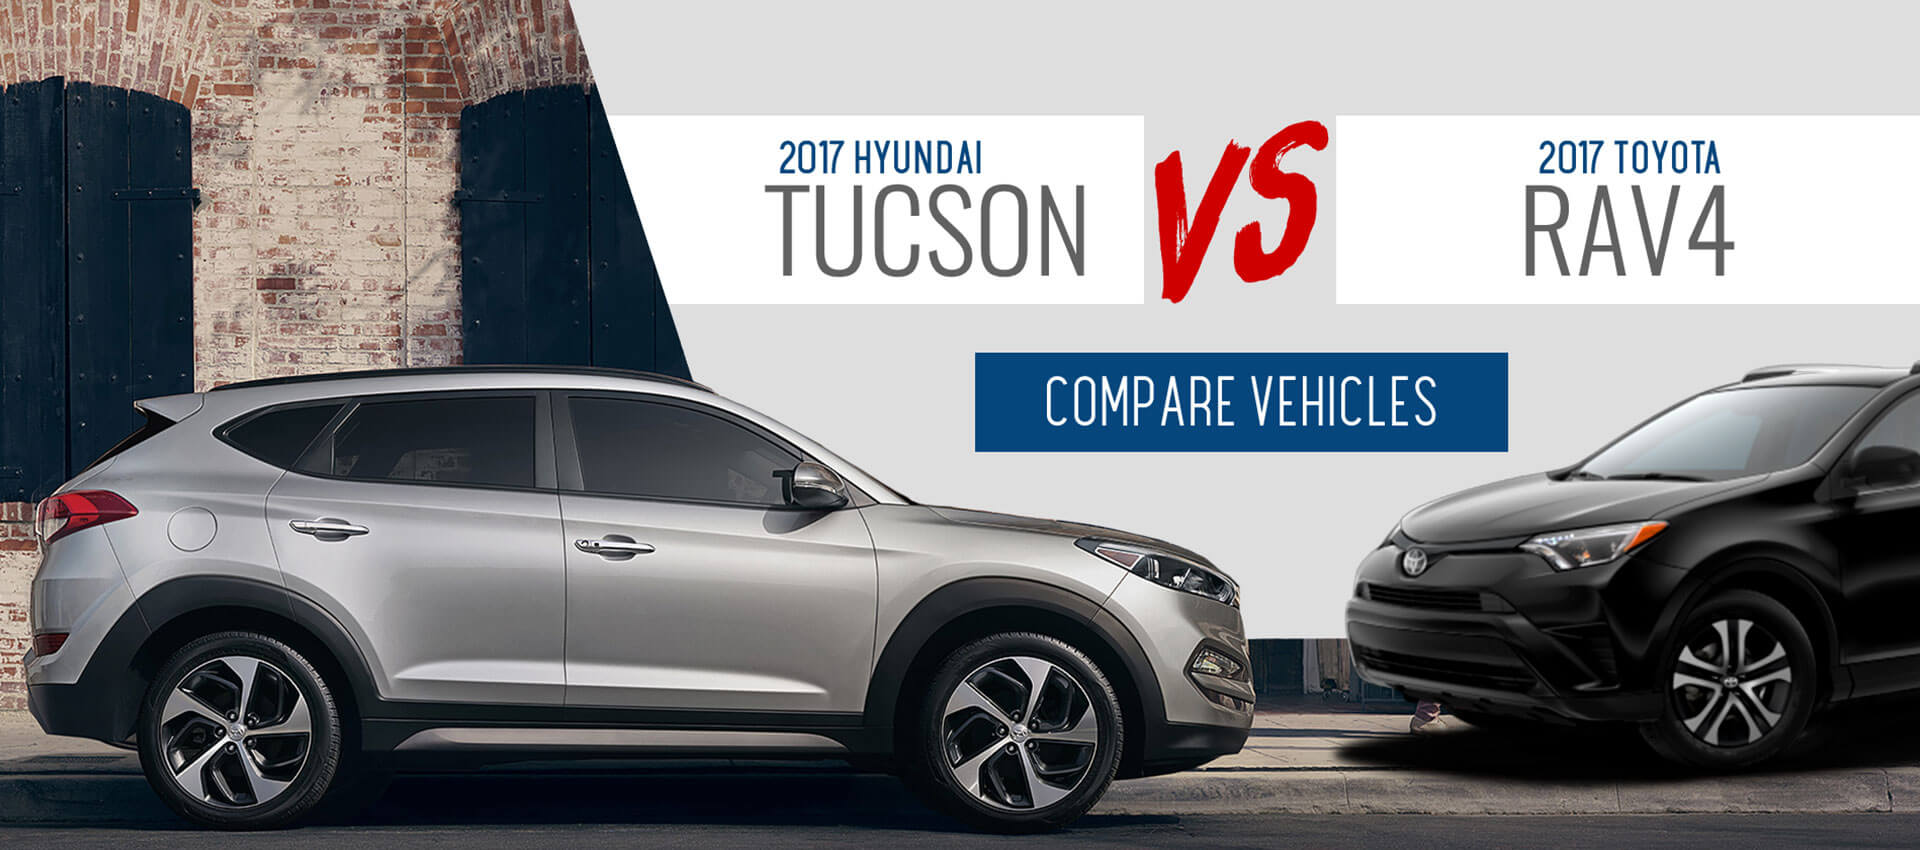 Tucson Vs. RAV4